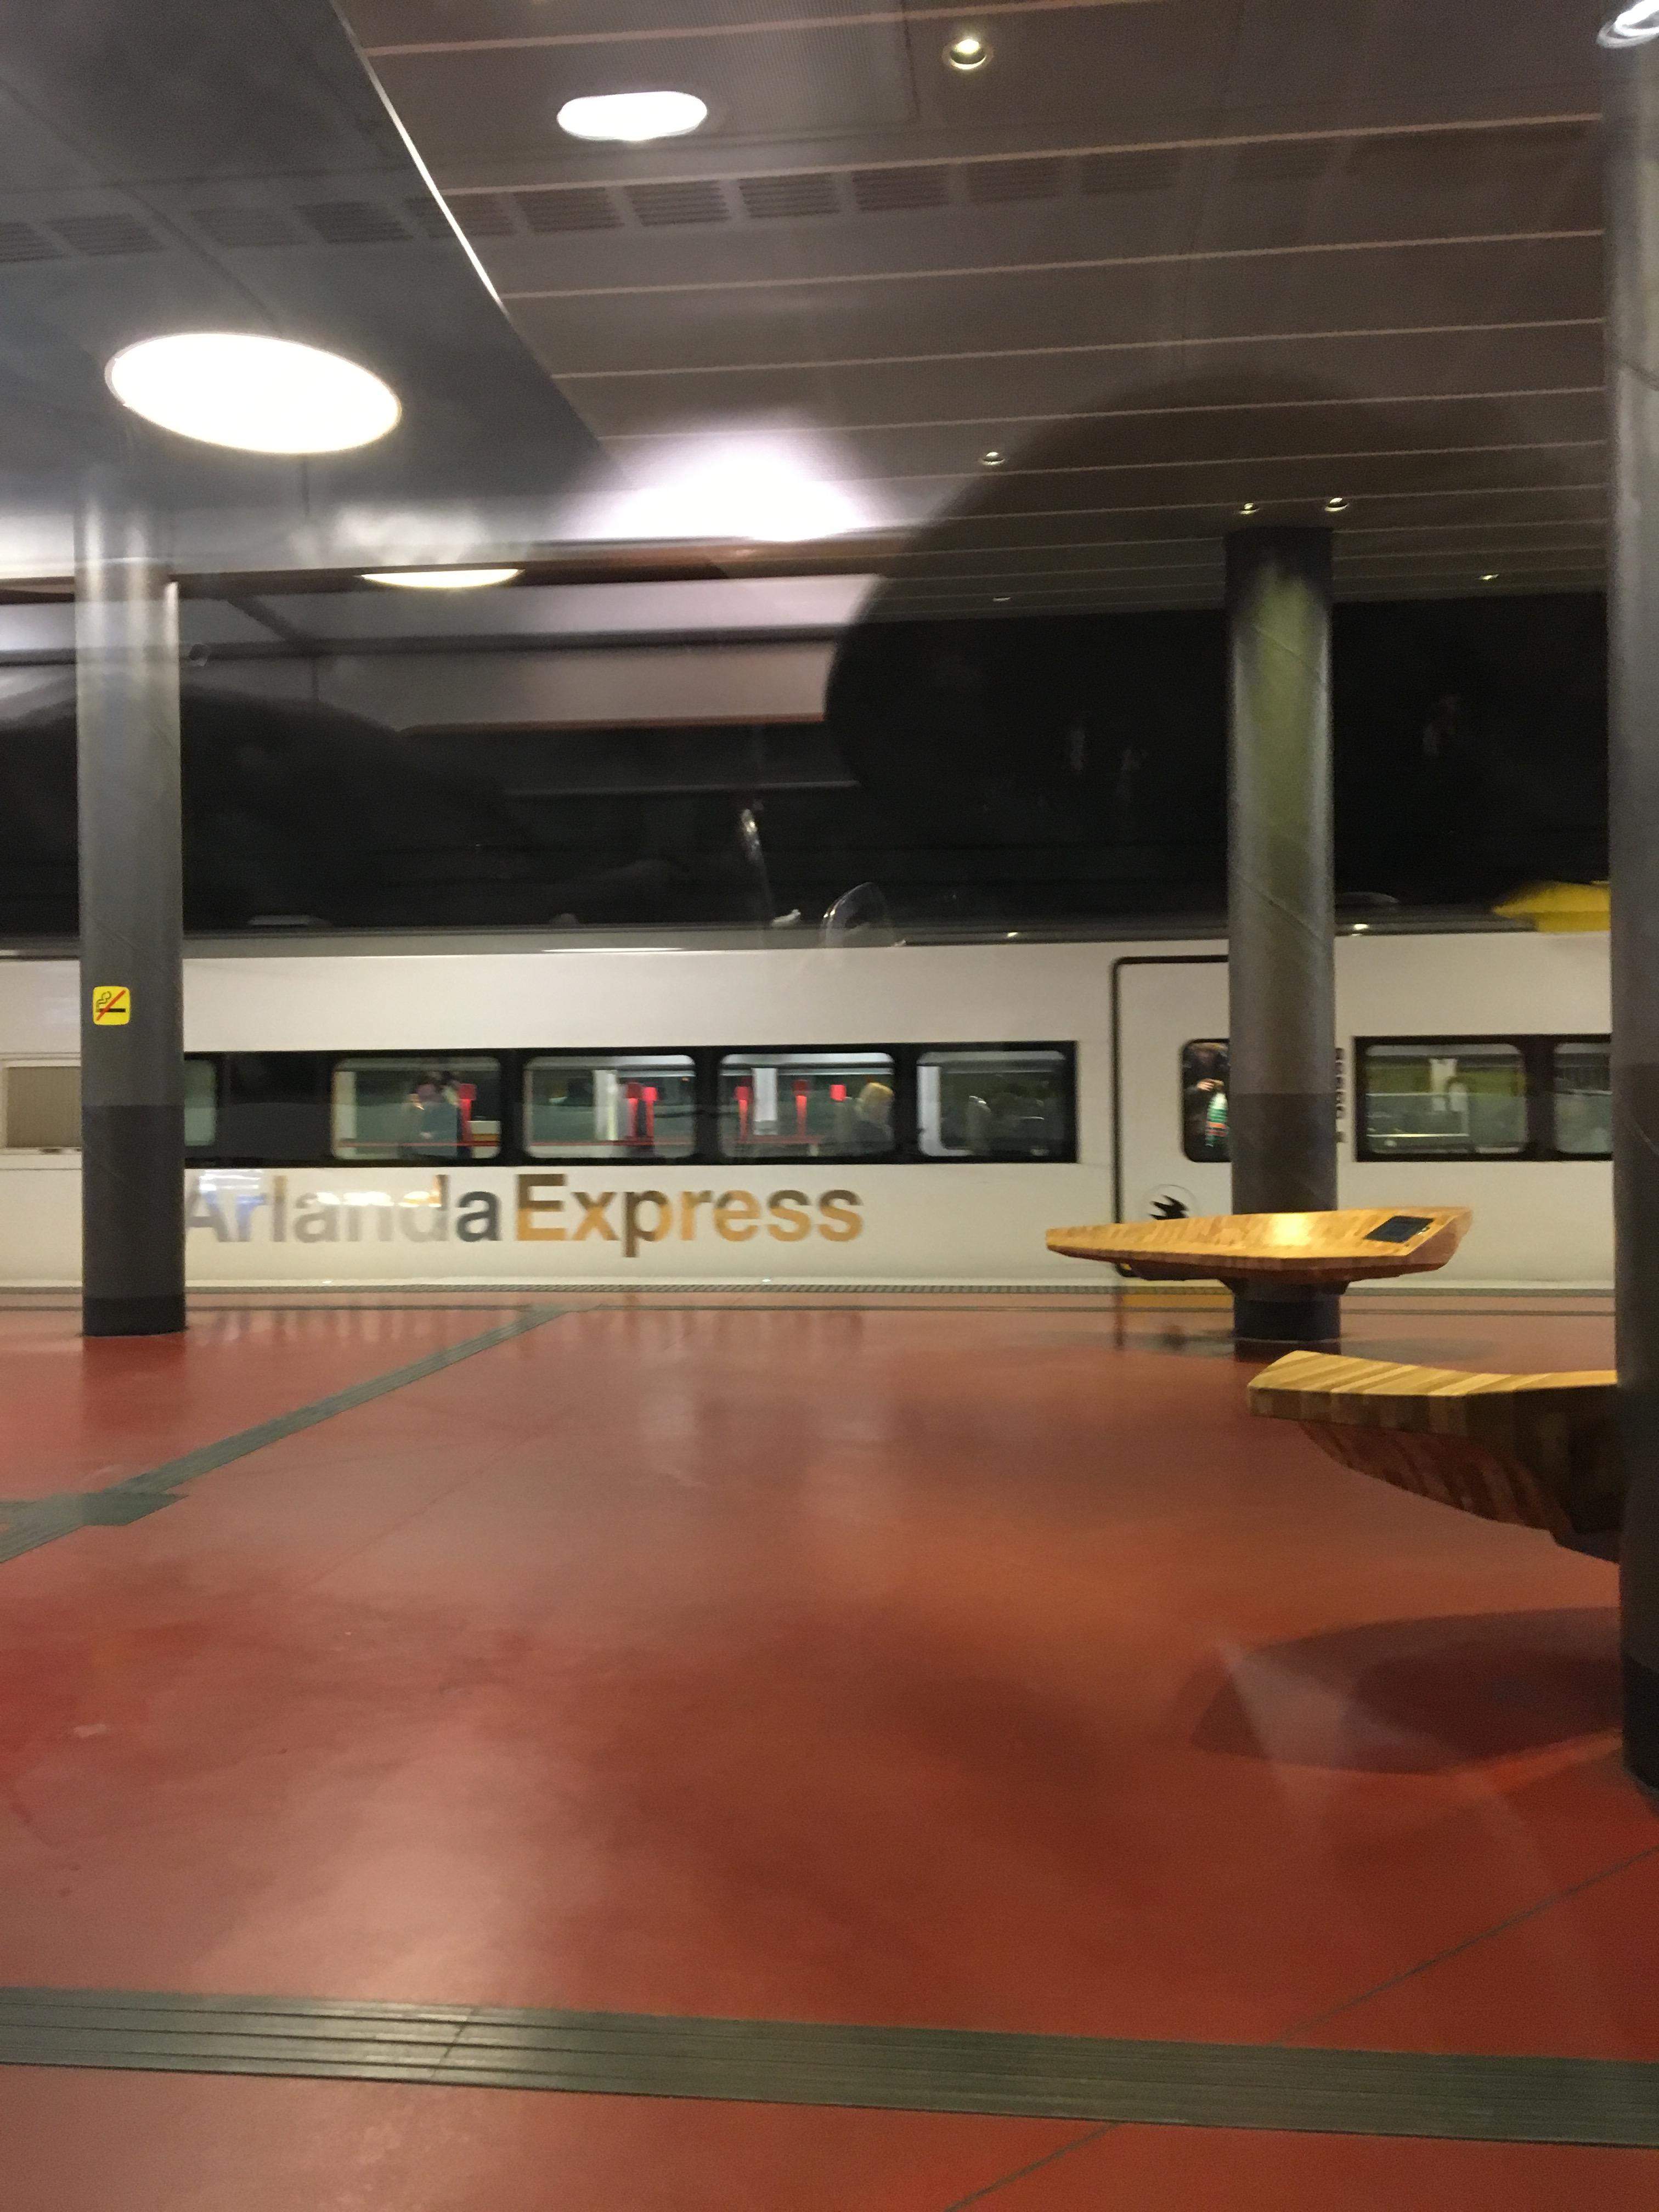 ストックホルム・アーランダ空港からストックホルムの中心までスッと ...